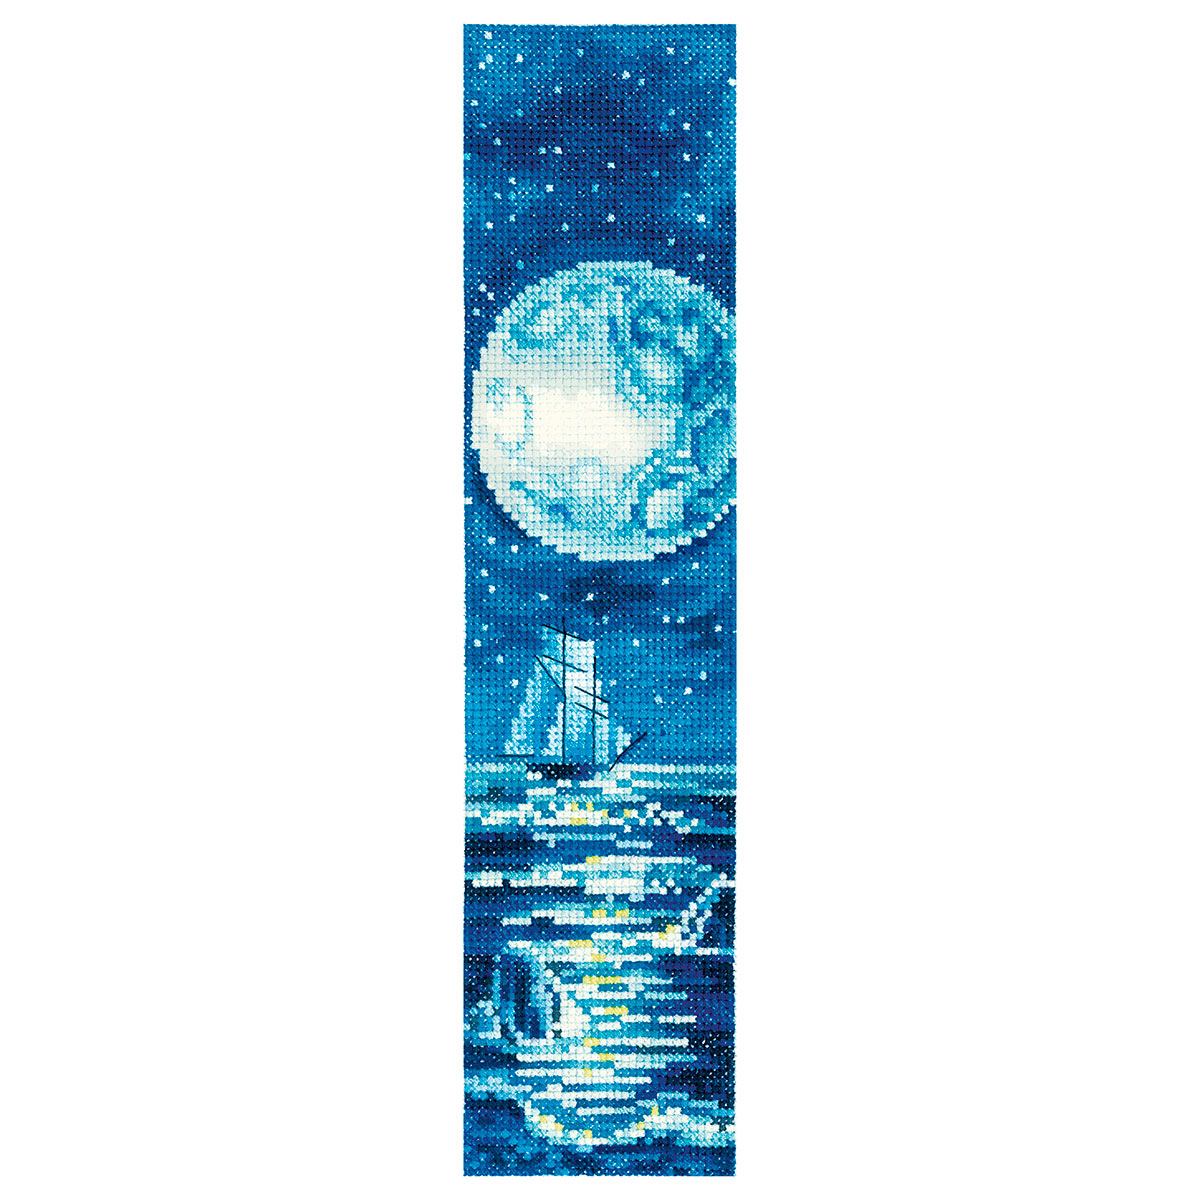 З-56 Набор для вышивания 'Закладки. Голубая луна'5,5 х 22см